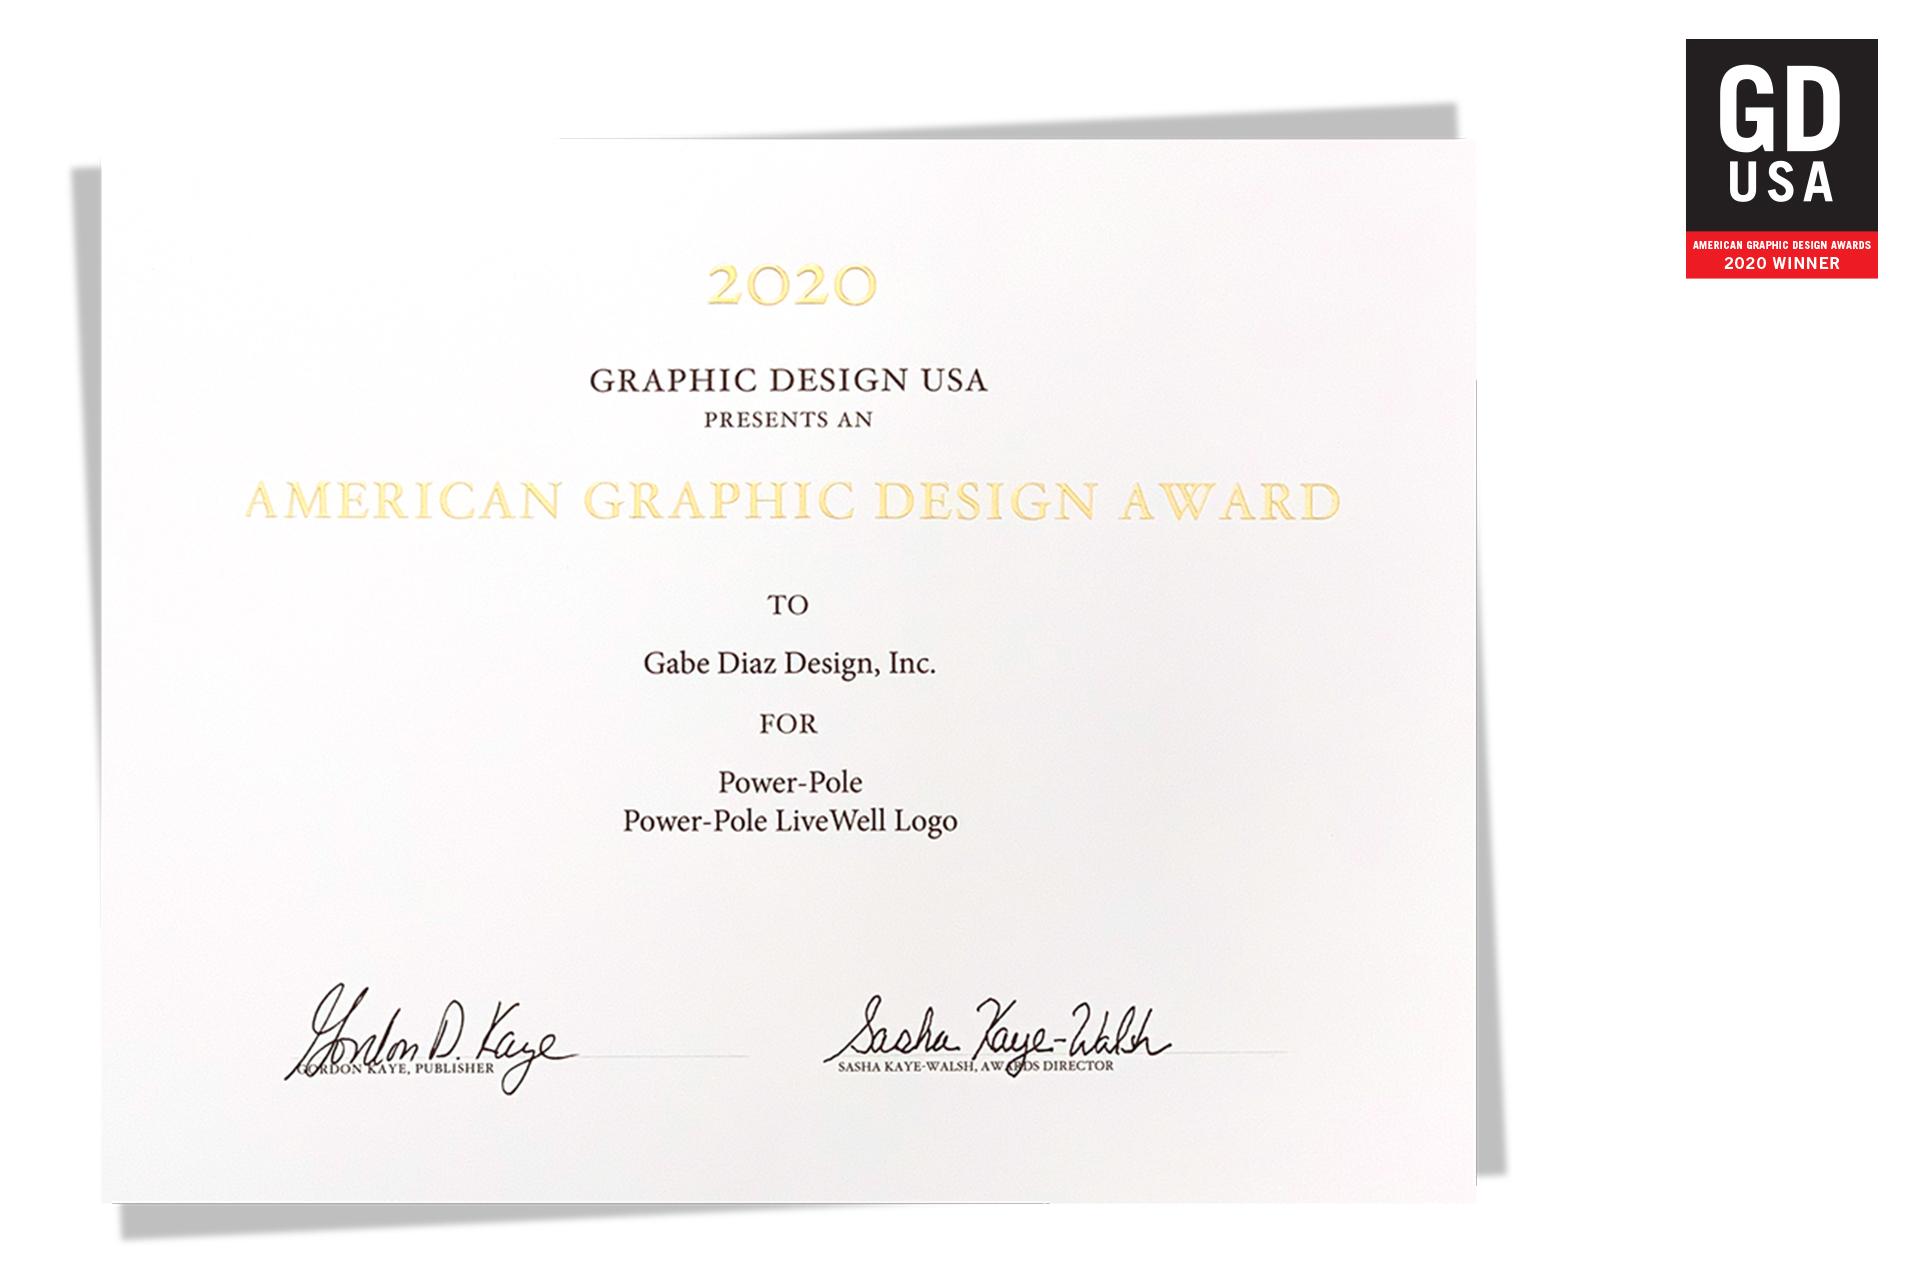 GDUSA Award